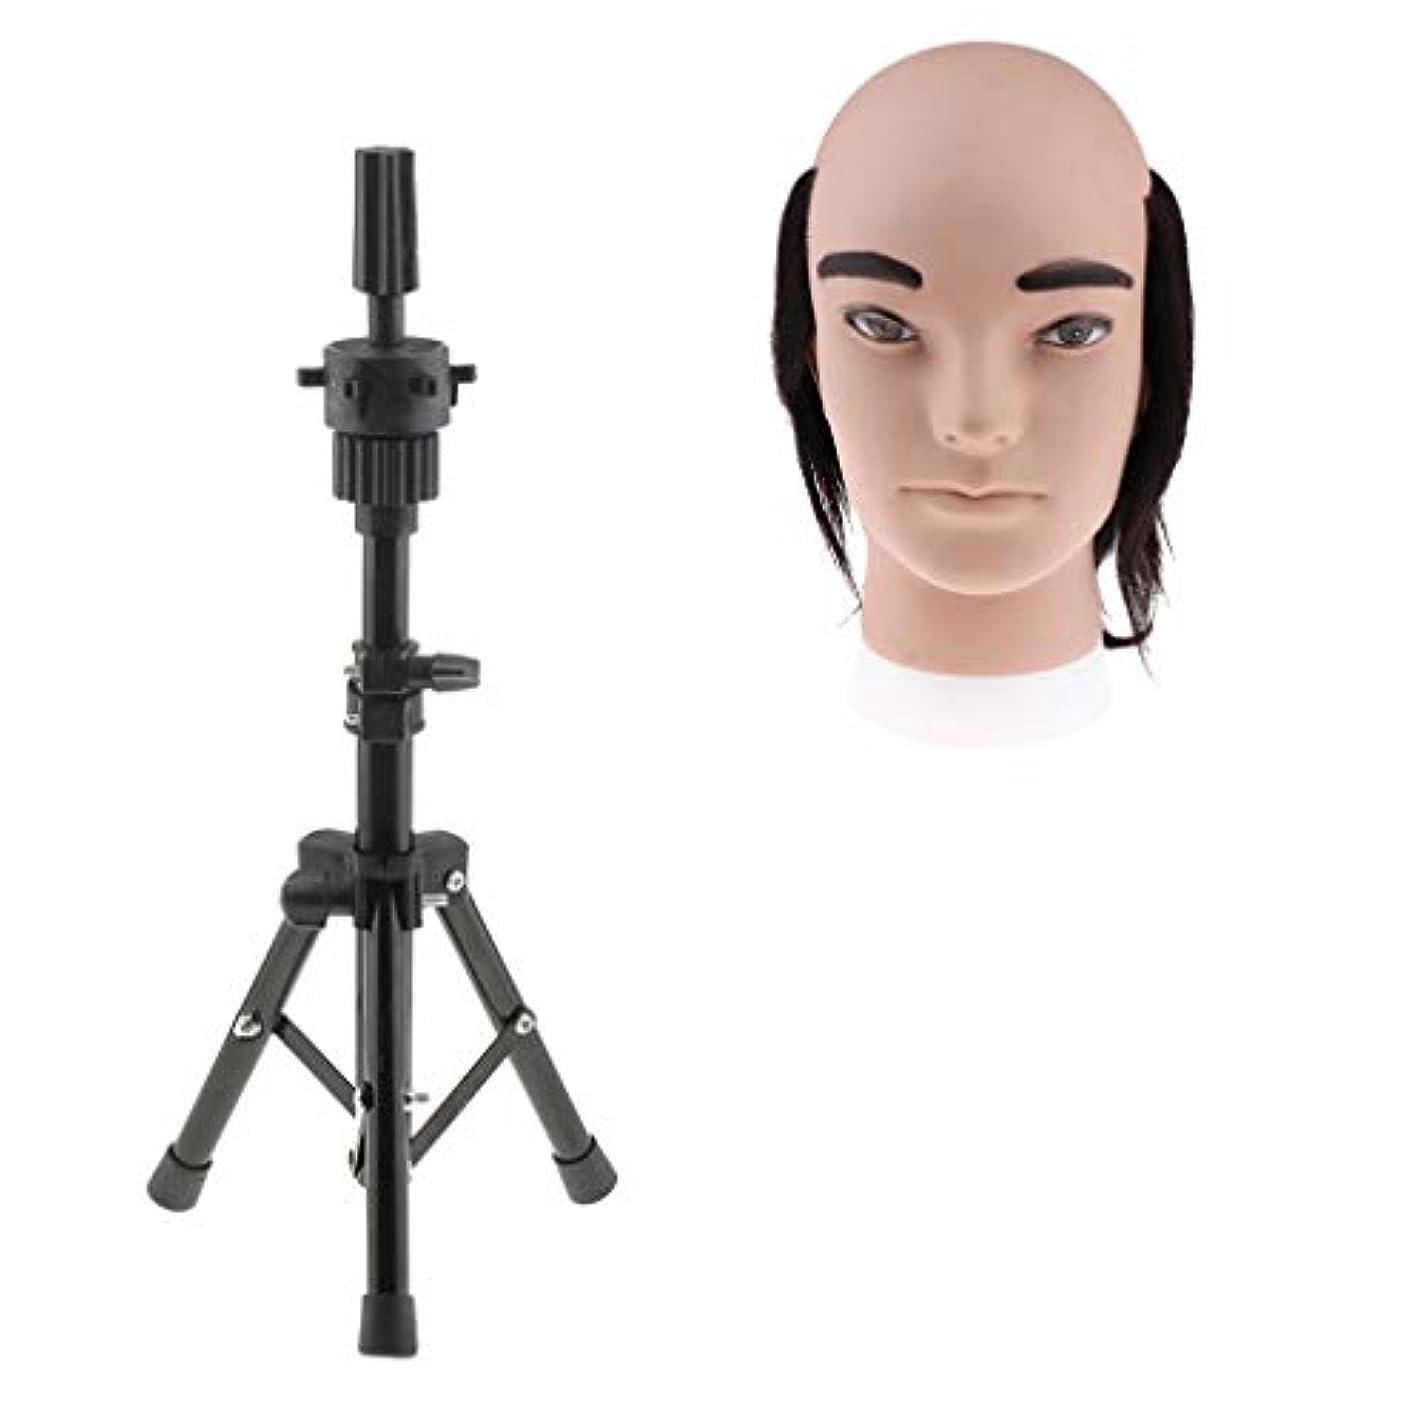 セント分離アブセイCUTICATE 人間の髪毛 男性 マネキン トレーニング マネキン美容人形 人形の頭付き三脚ホルダー